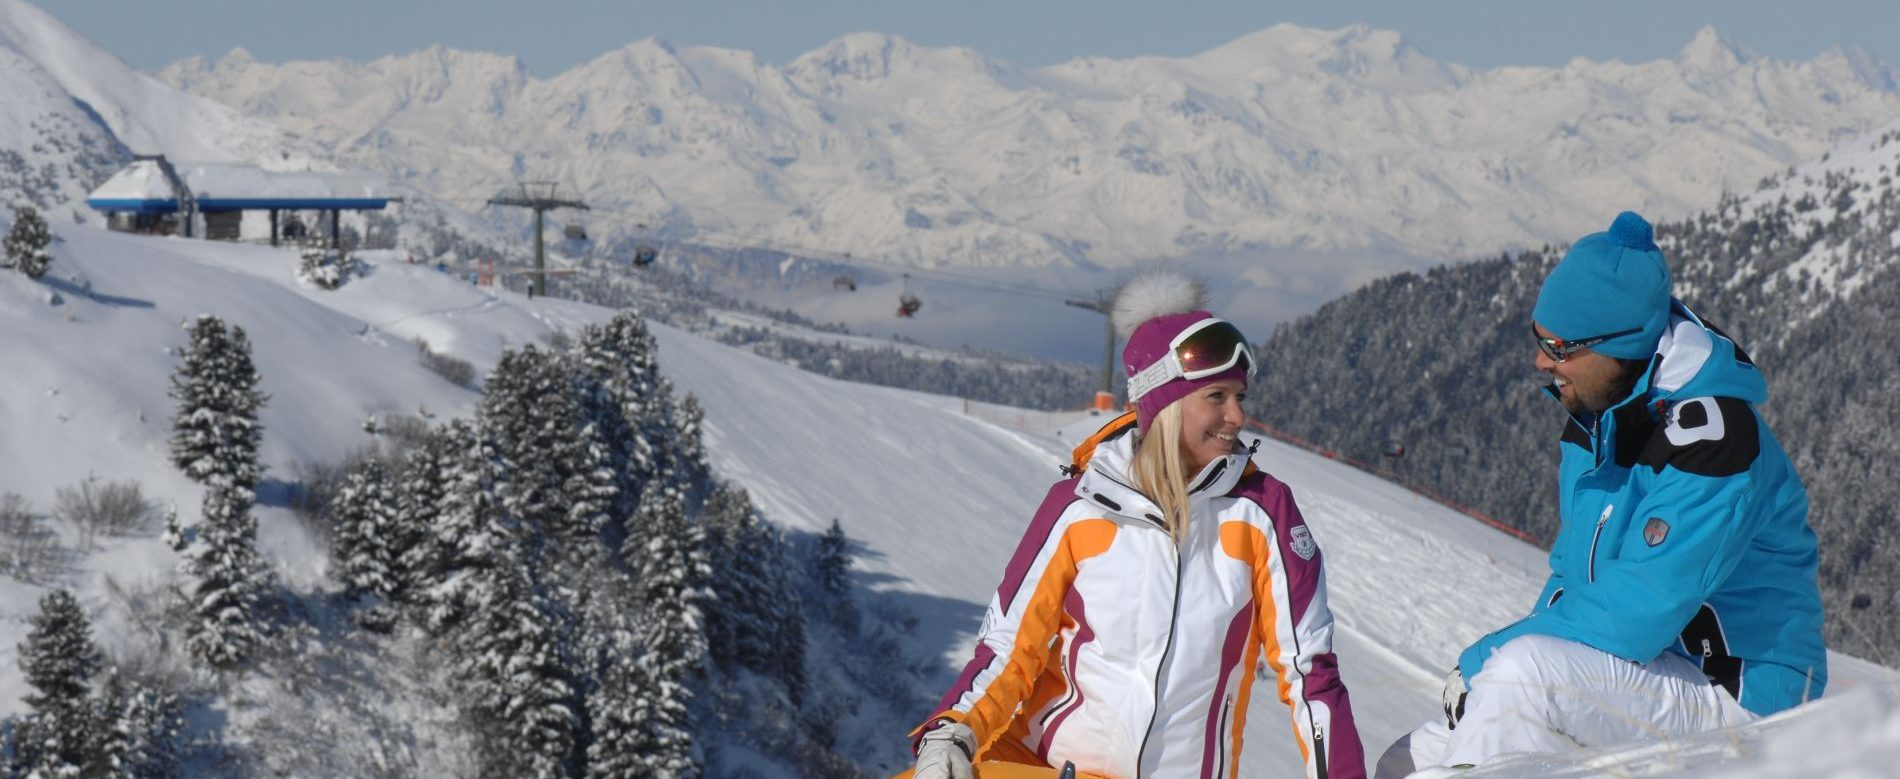 promozioni-dolomiti superski_vacanza sci_ski center latemar_trentino alto adige